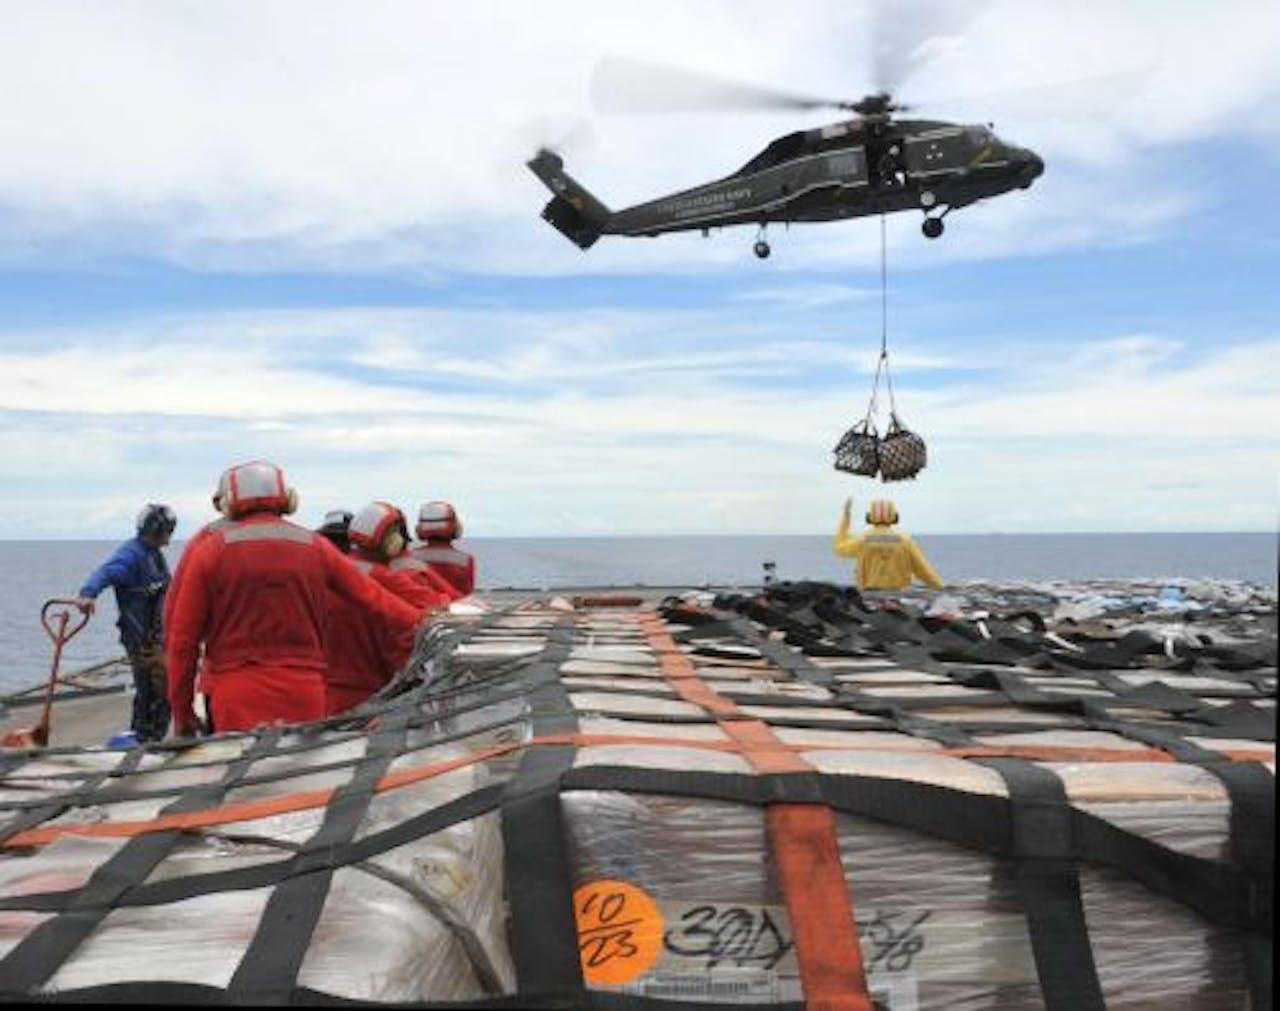 Hulpgoederen staan klaar om van een Amerikaans marineschip naar Japan te worden vervoerd. EPA